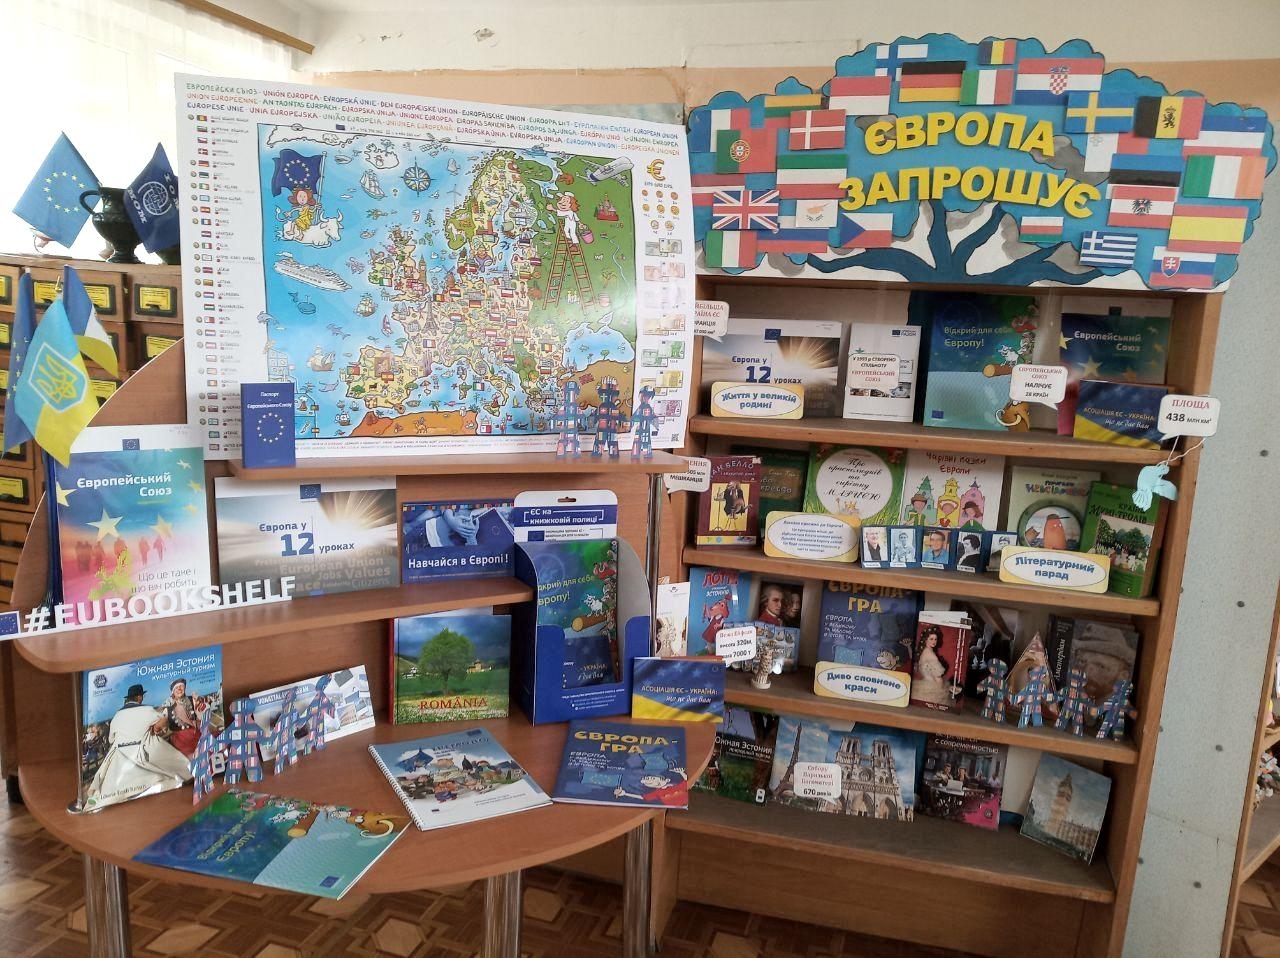 ЄС на книжковій полиці